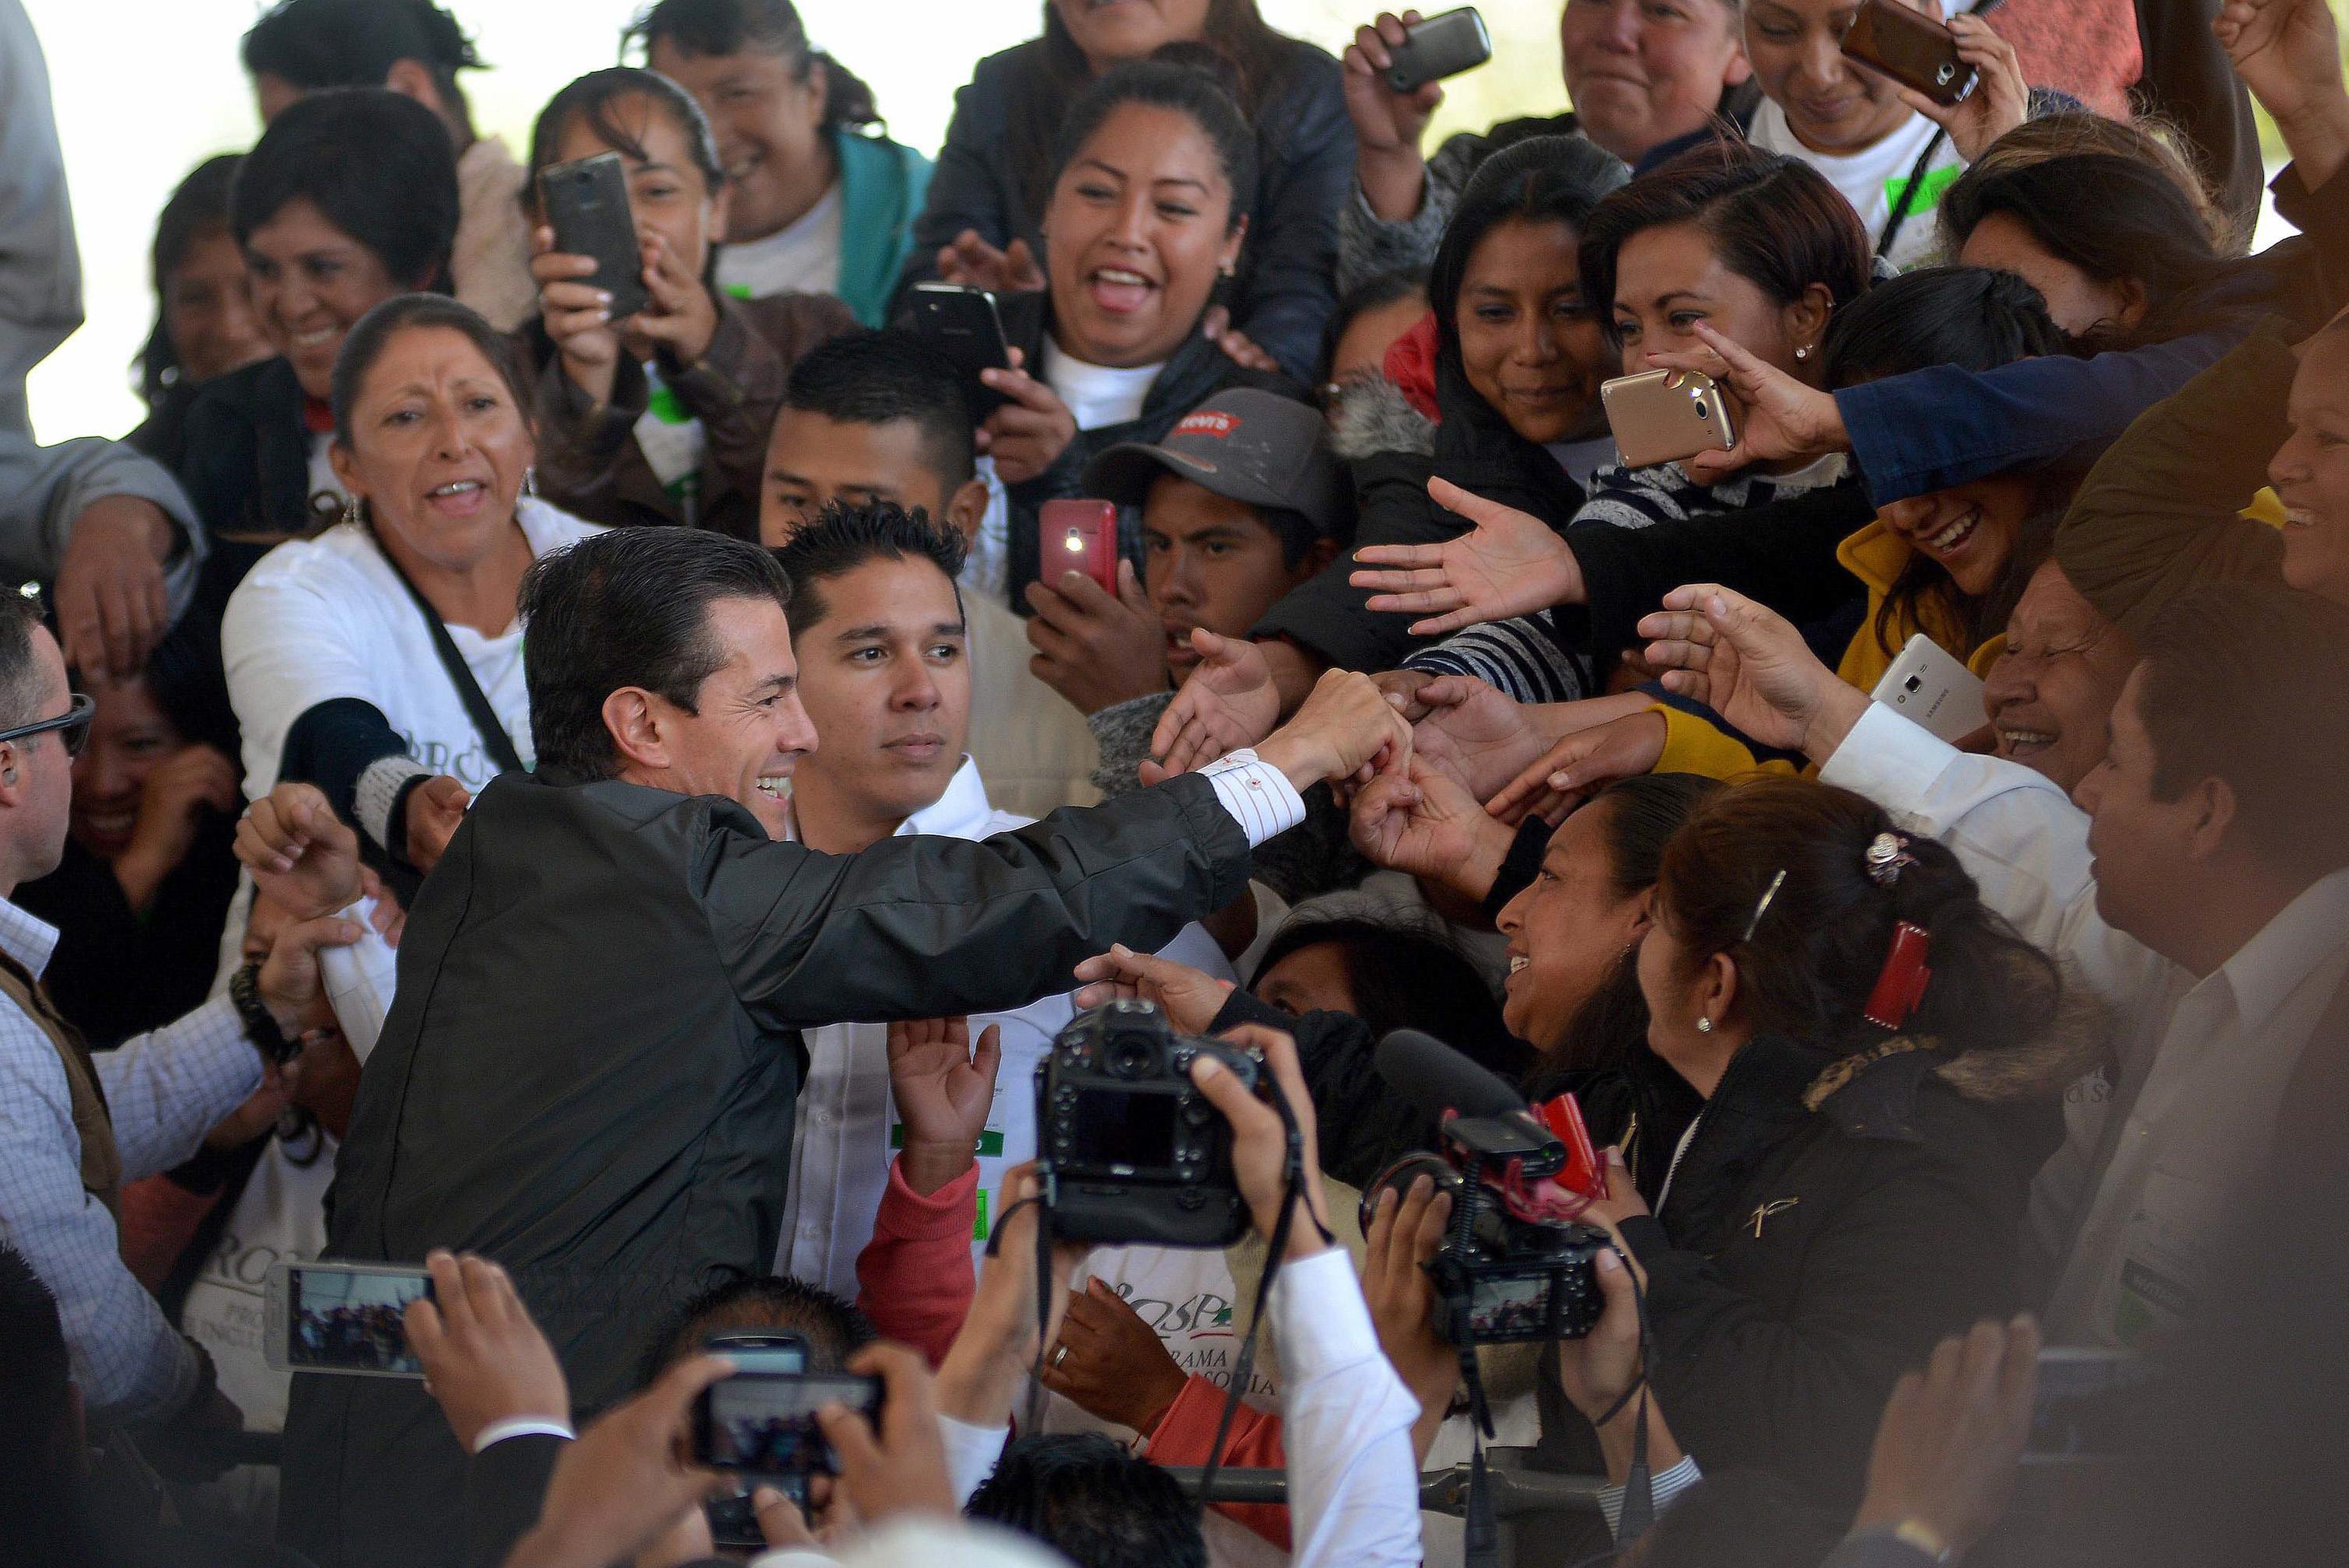 SAN ANTONIO LIMÓN, VERACRUZ, 13MARZO2018.- Enrique Peña Nieto, Presidente de México, saluda a los asistentes durante la inauguración del Almacén Granelero de Diconsa. FOTO: ALBERTO ROA /CUARTOSCURO.COM